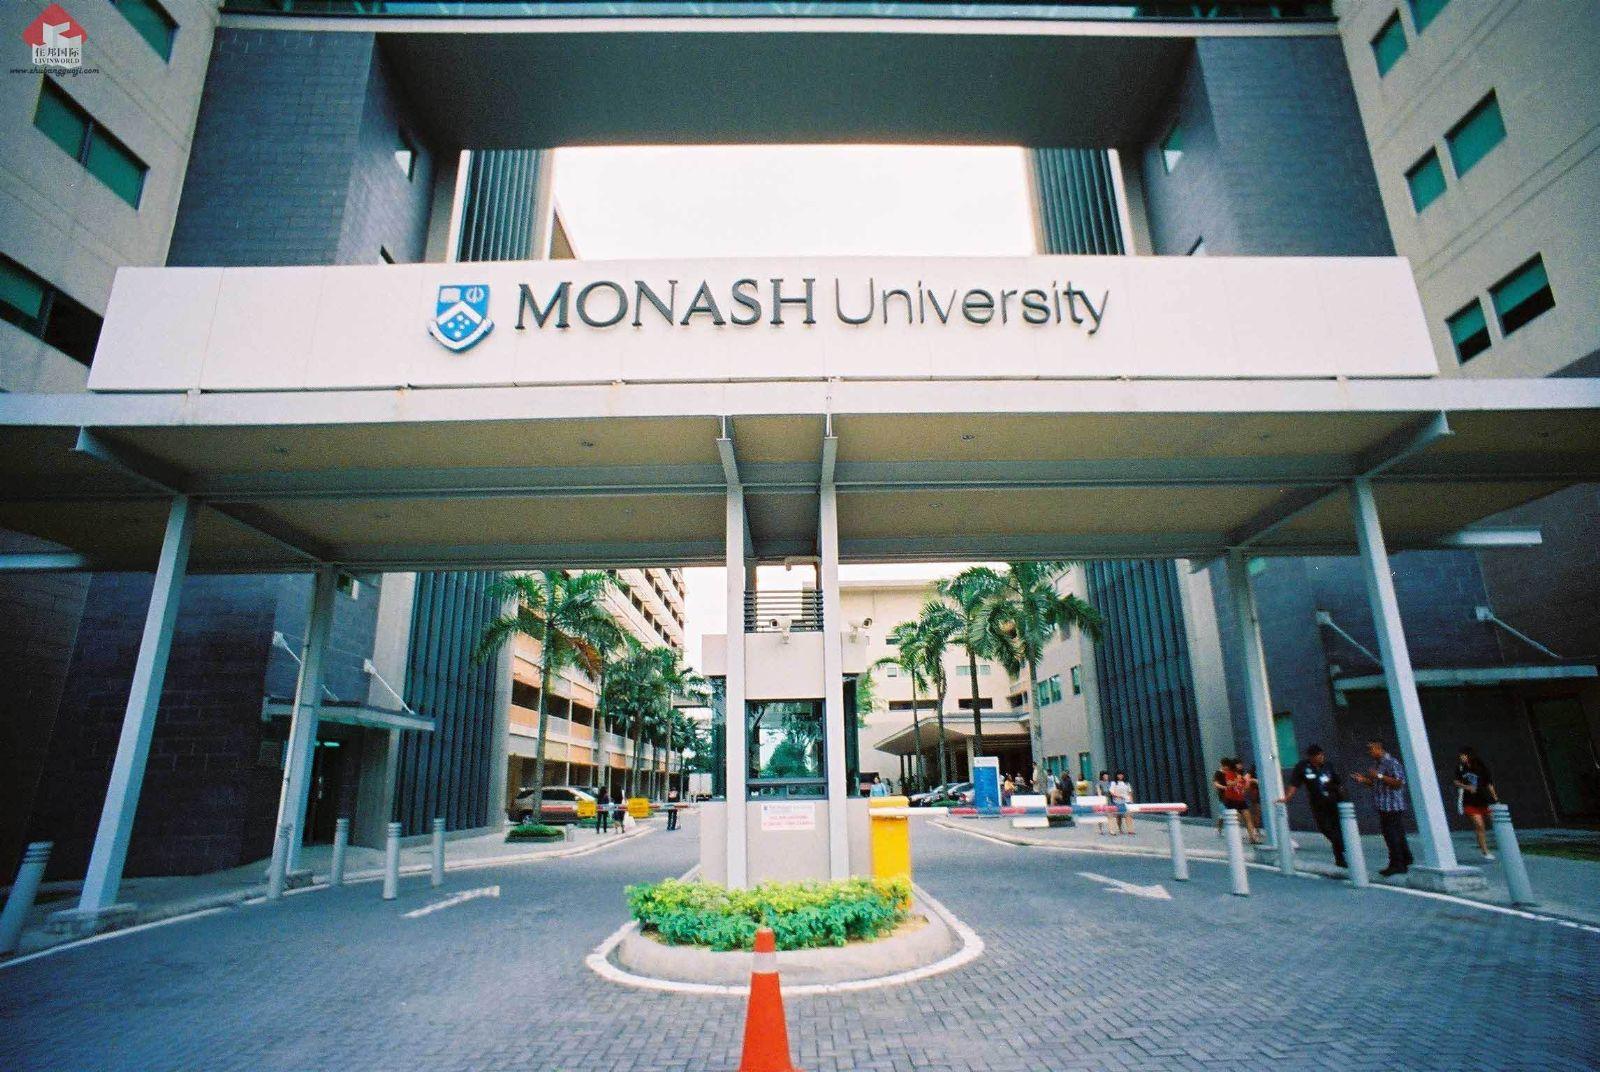 蒙纳士大学,蒙纳士MBA课程,蒙纳士大学商学院,2018蒙纳士课程,澳洲八大名校